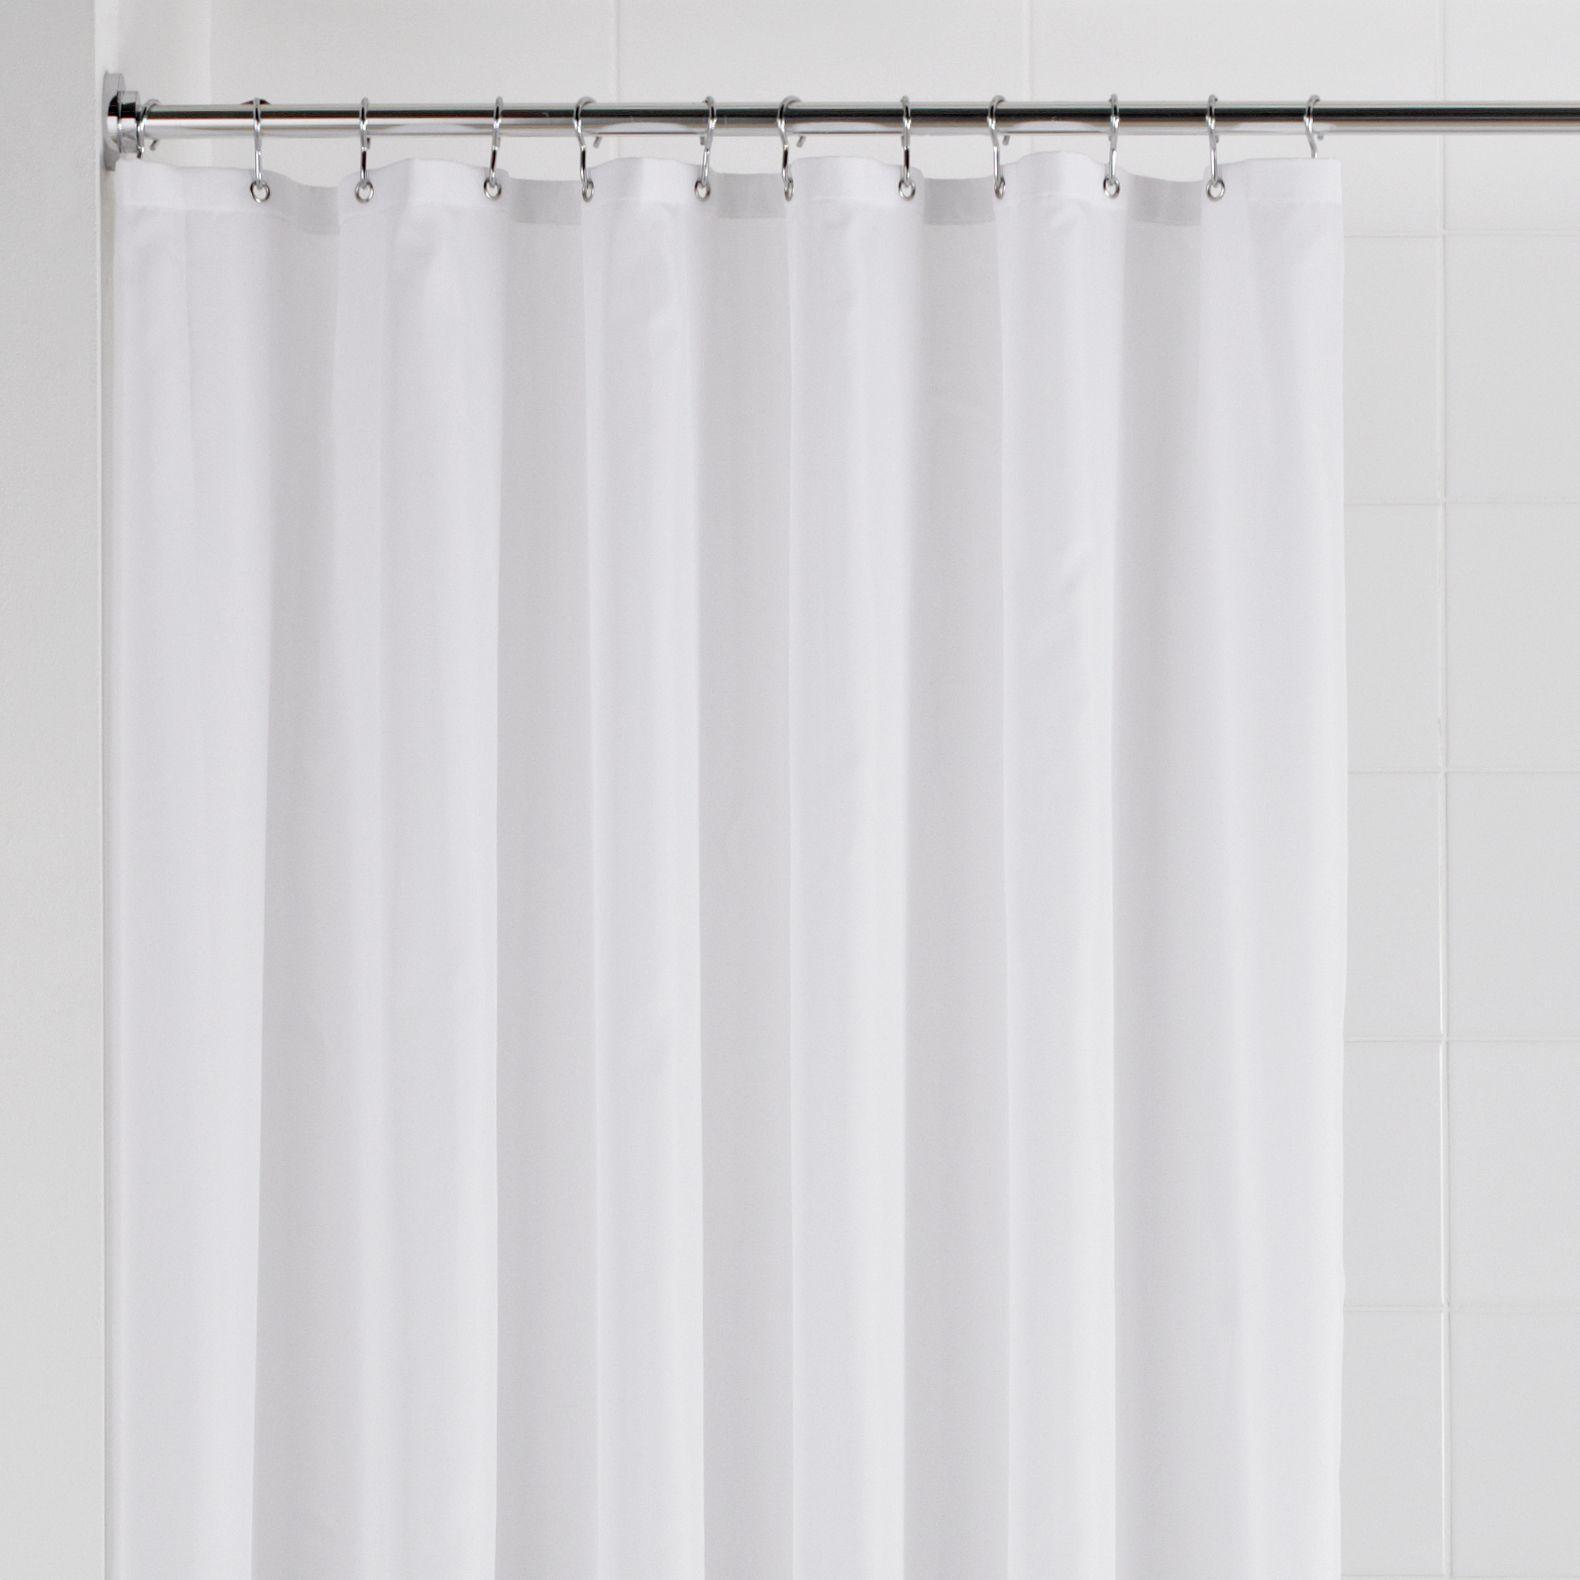 Value White Plain Shower Curtain (l)2.085 M